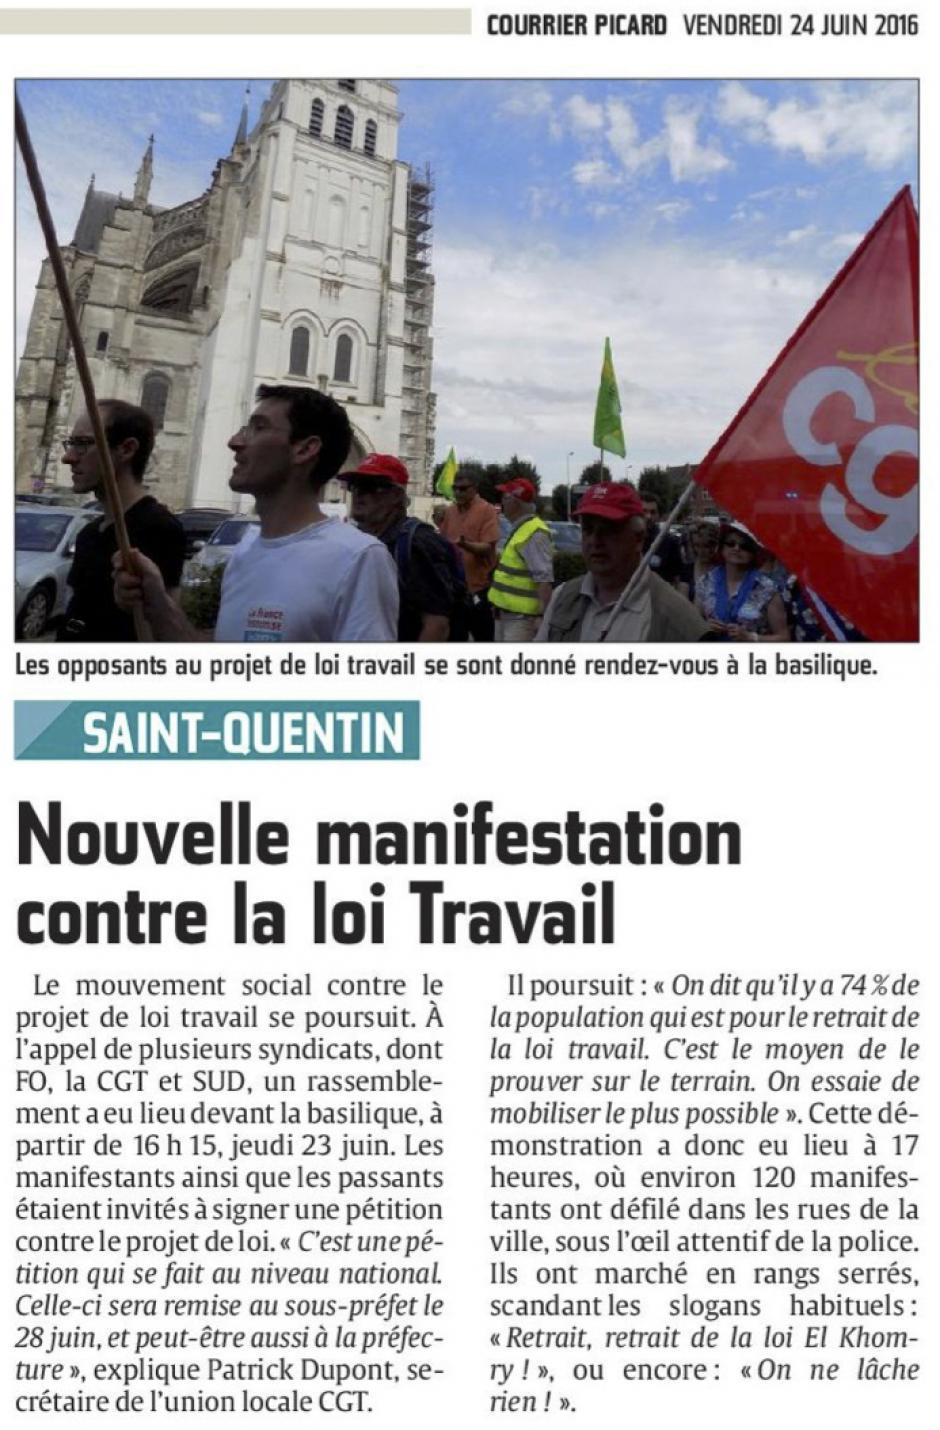 20160624-CP-Saint-Quentin-Nouvelle manifestation contre la loi Travail [édition Saint-Quentin]